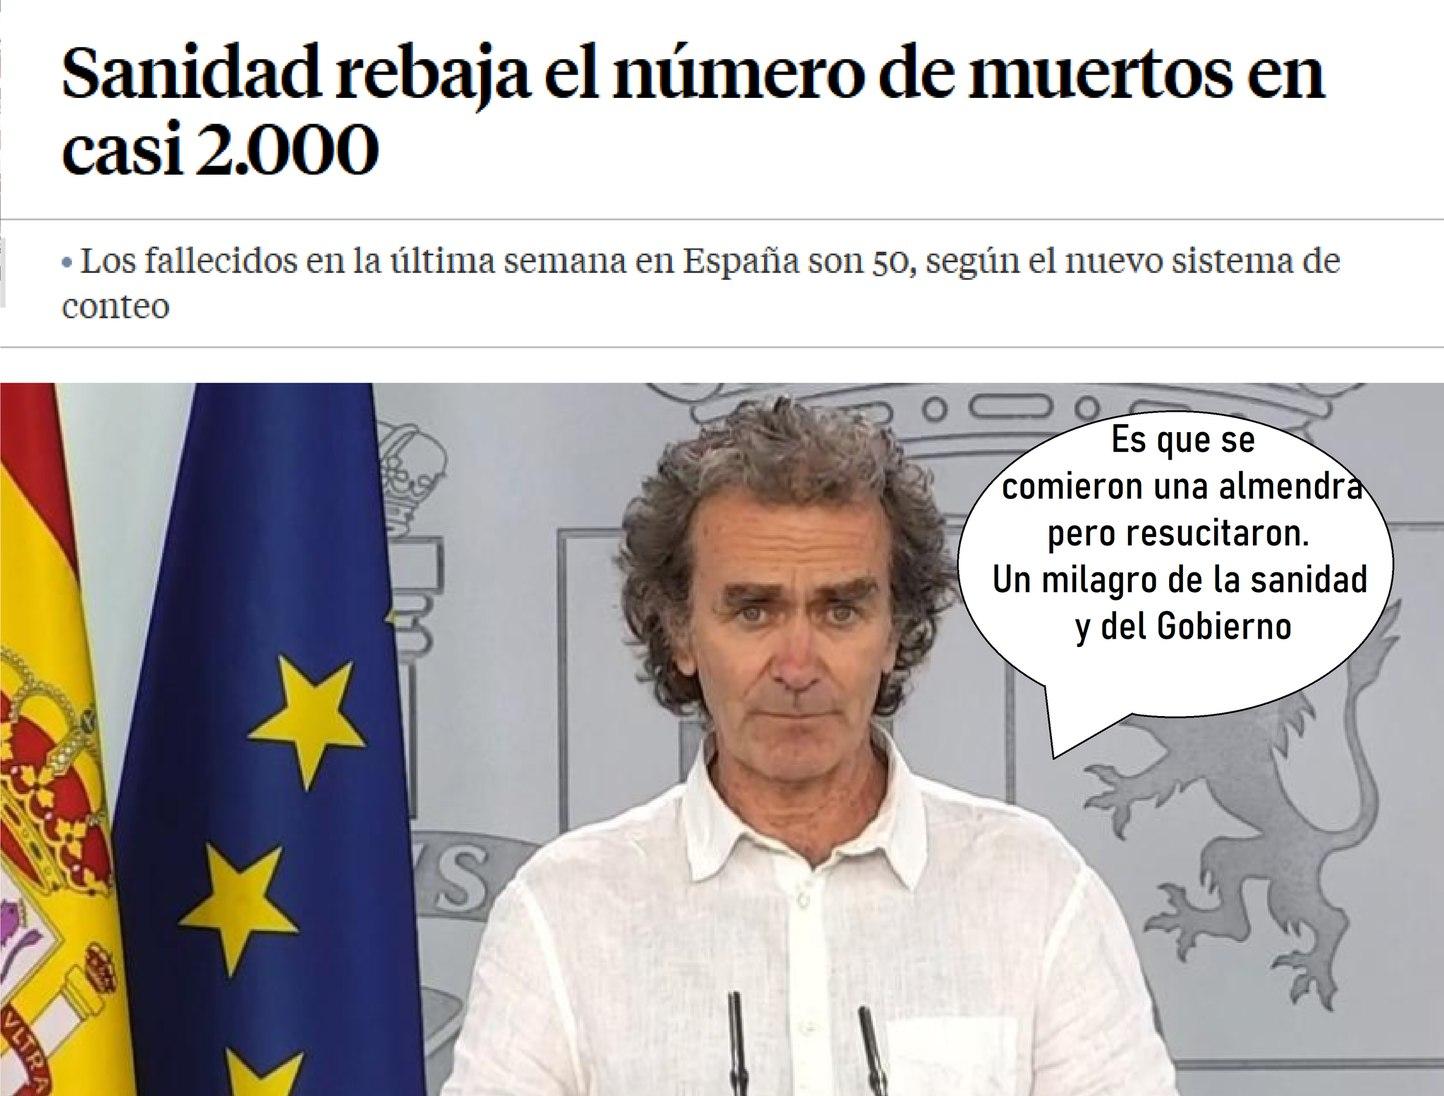 2000 resucitados - meme